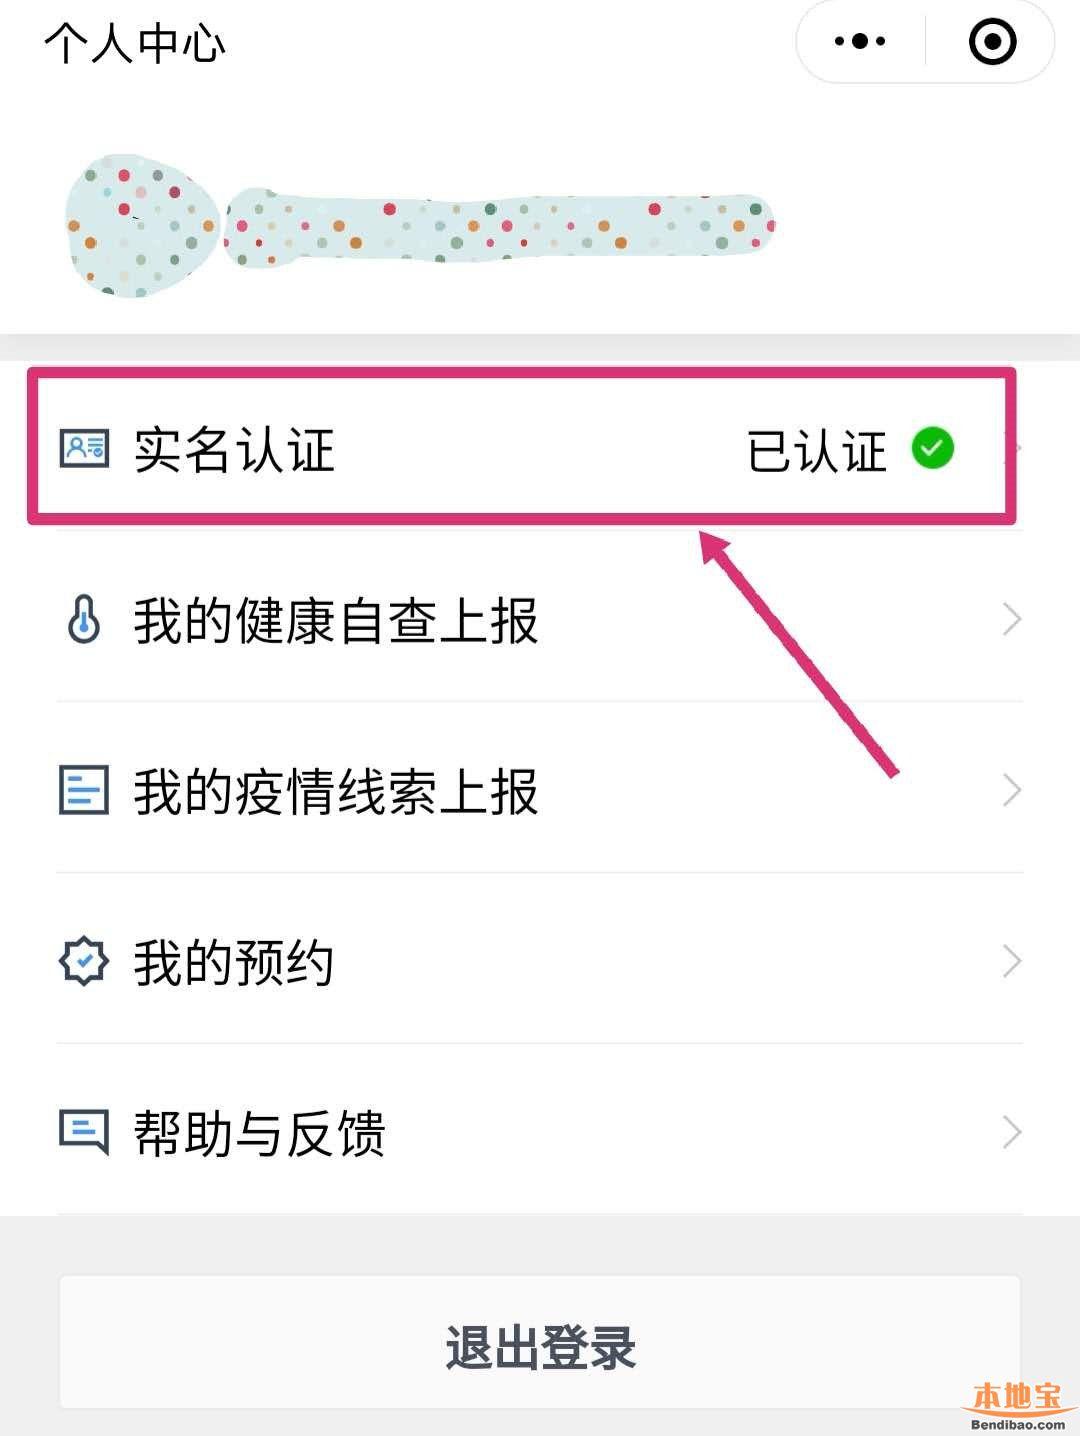 广州穗康小程序实名认证流程图解